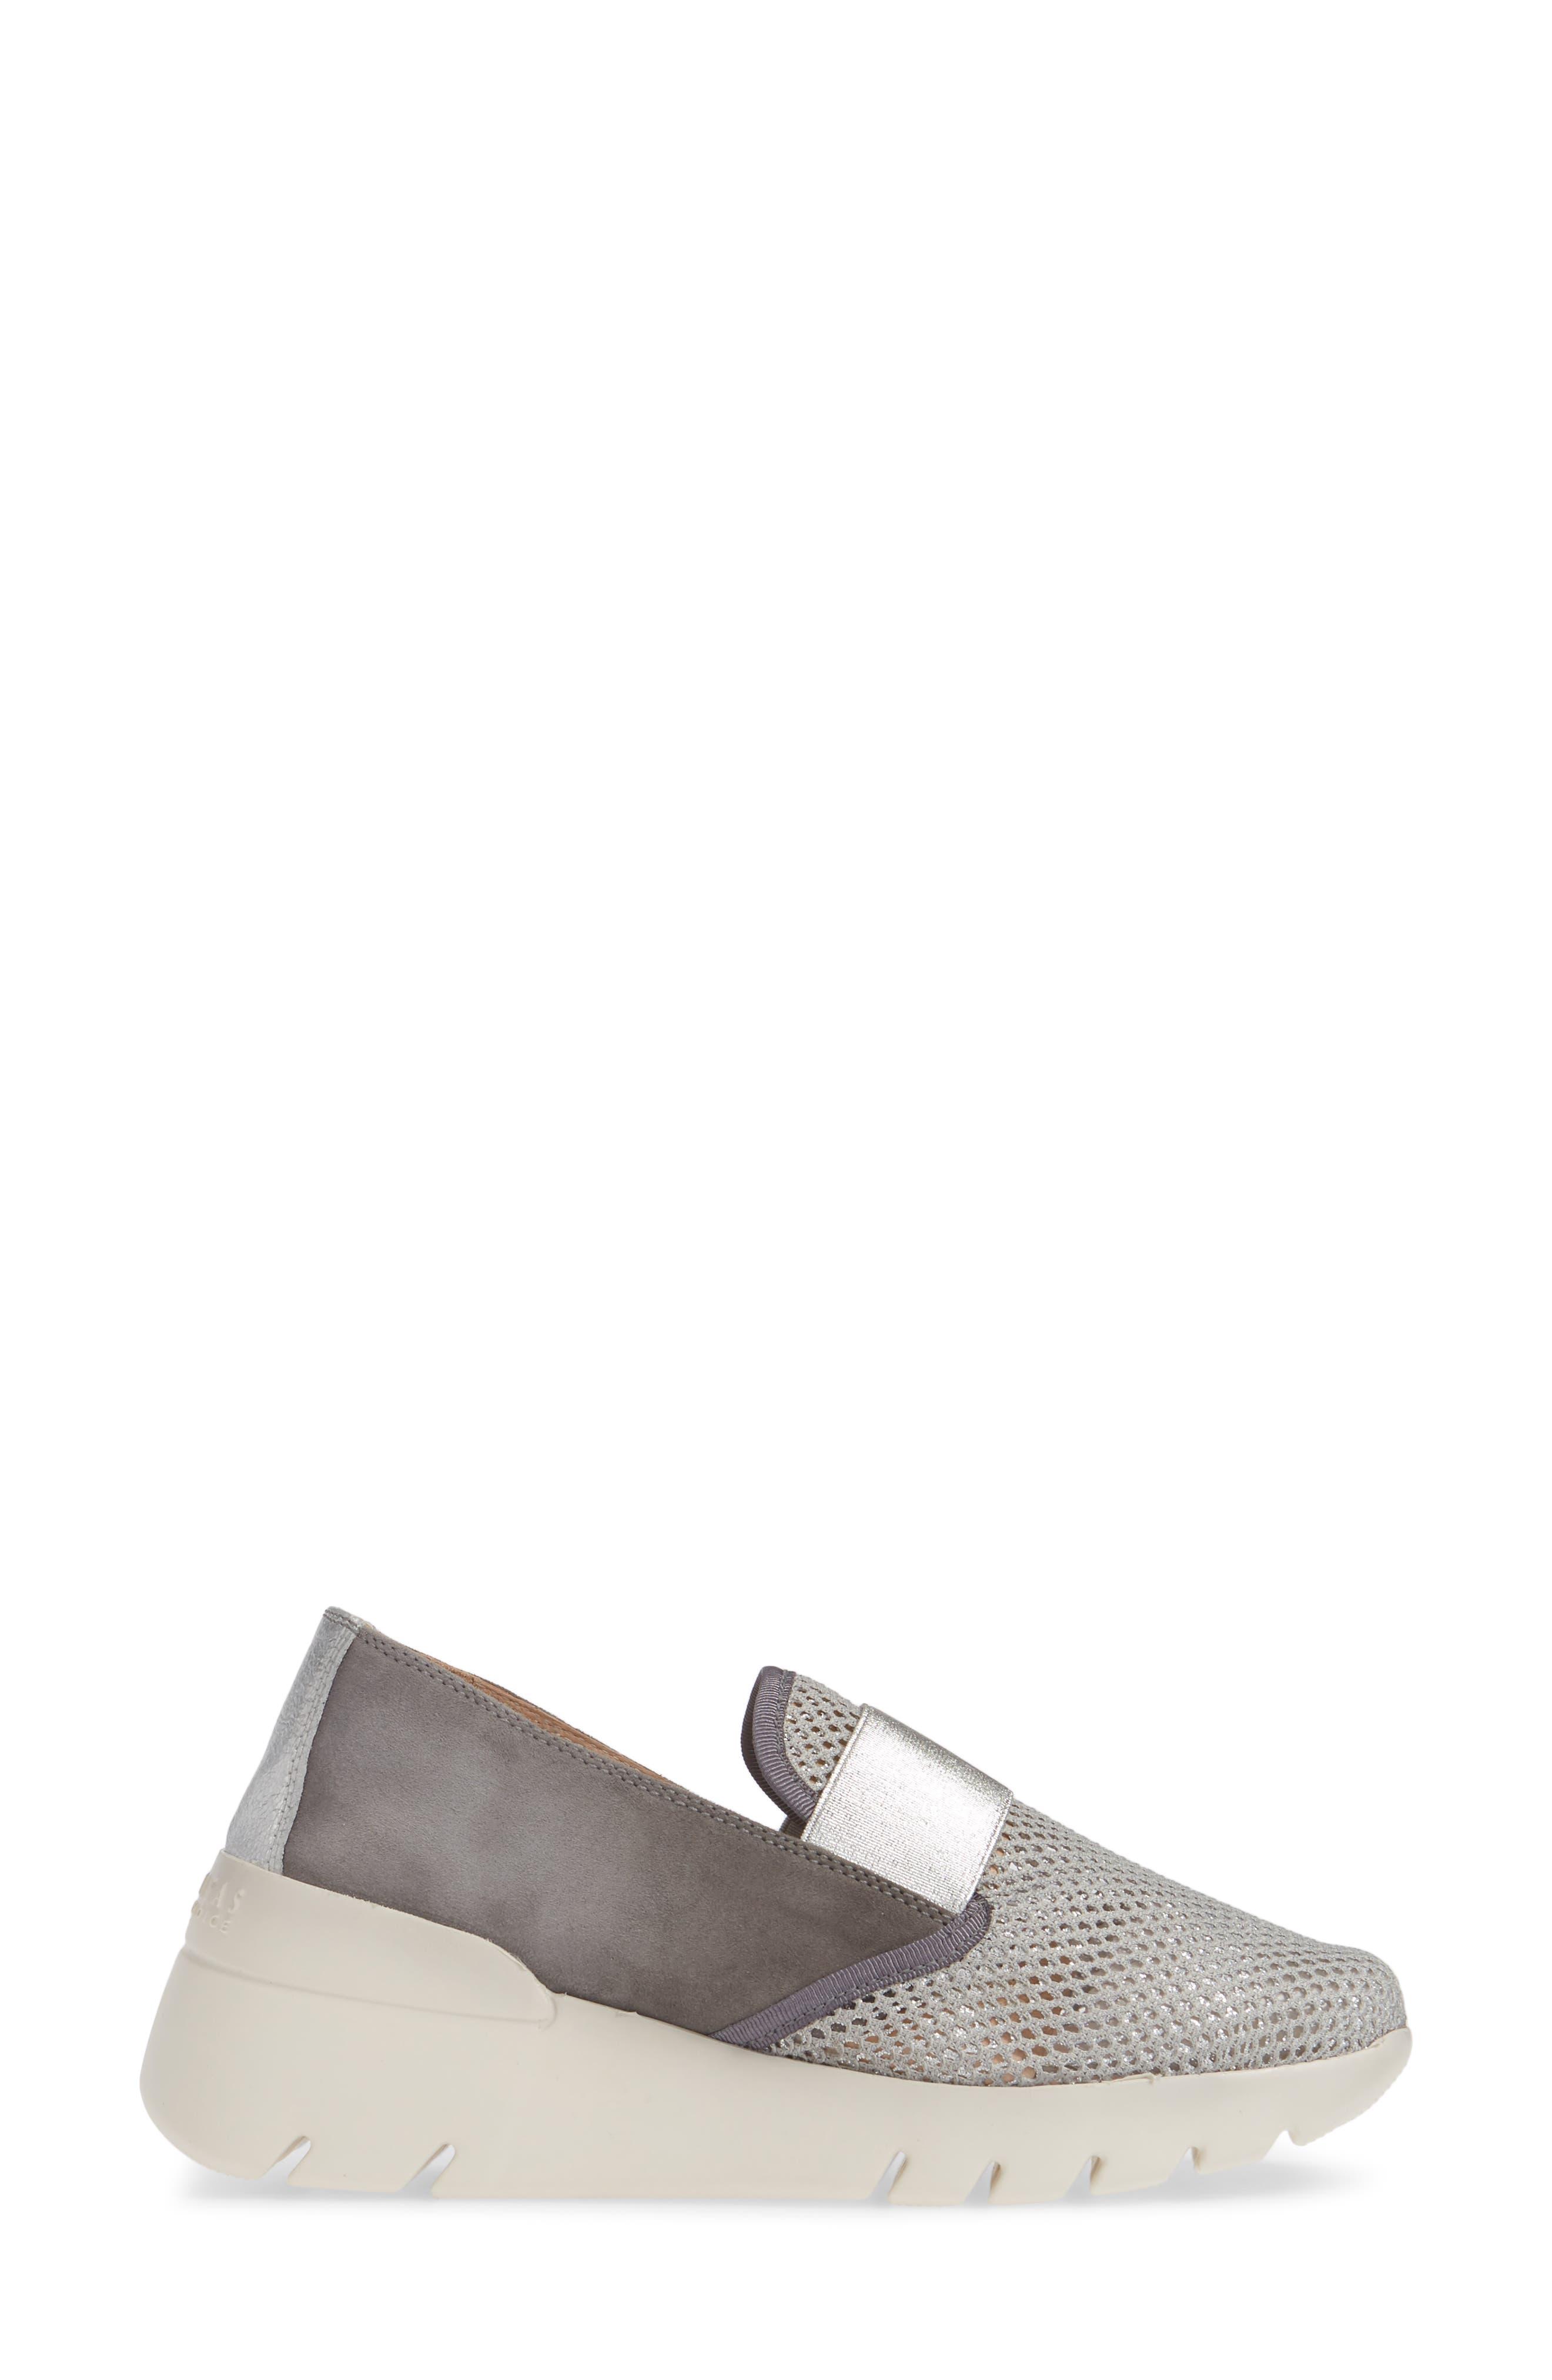 HISPANITAS, Reeva Slip-On Wedge Sneaker, Alternate thumbnail 3, color, GREY CARBON SUEDE